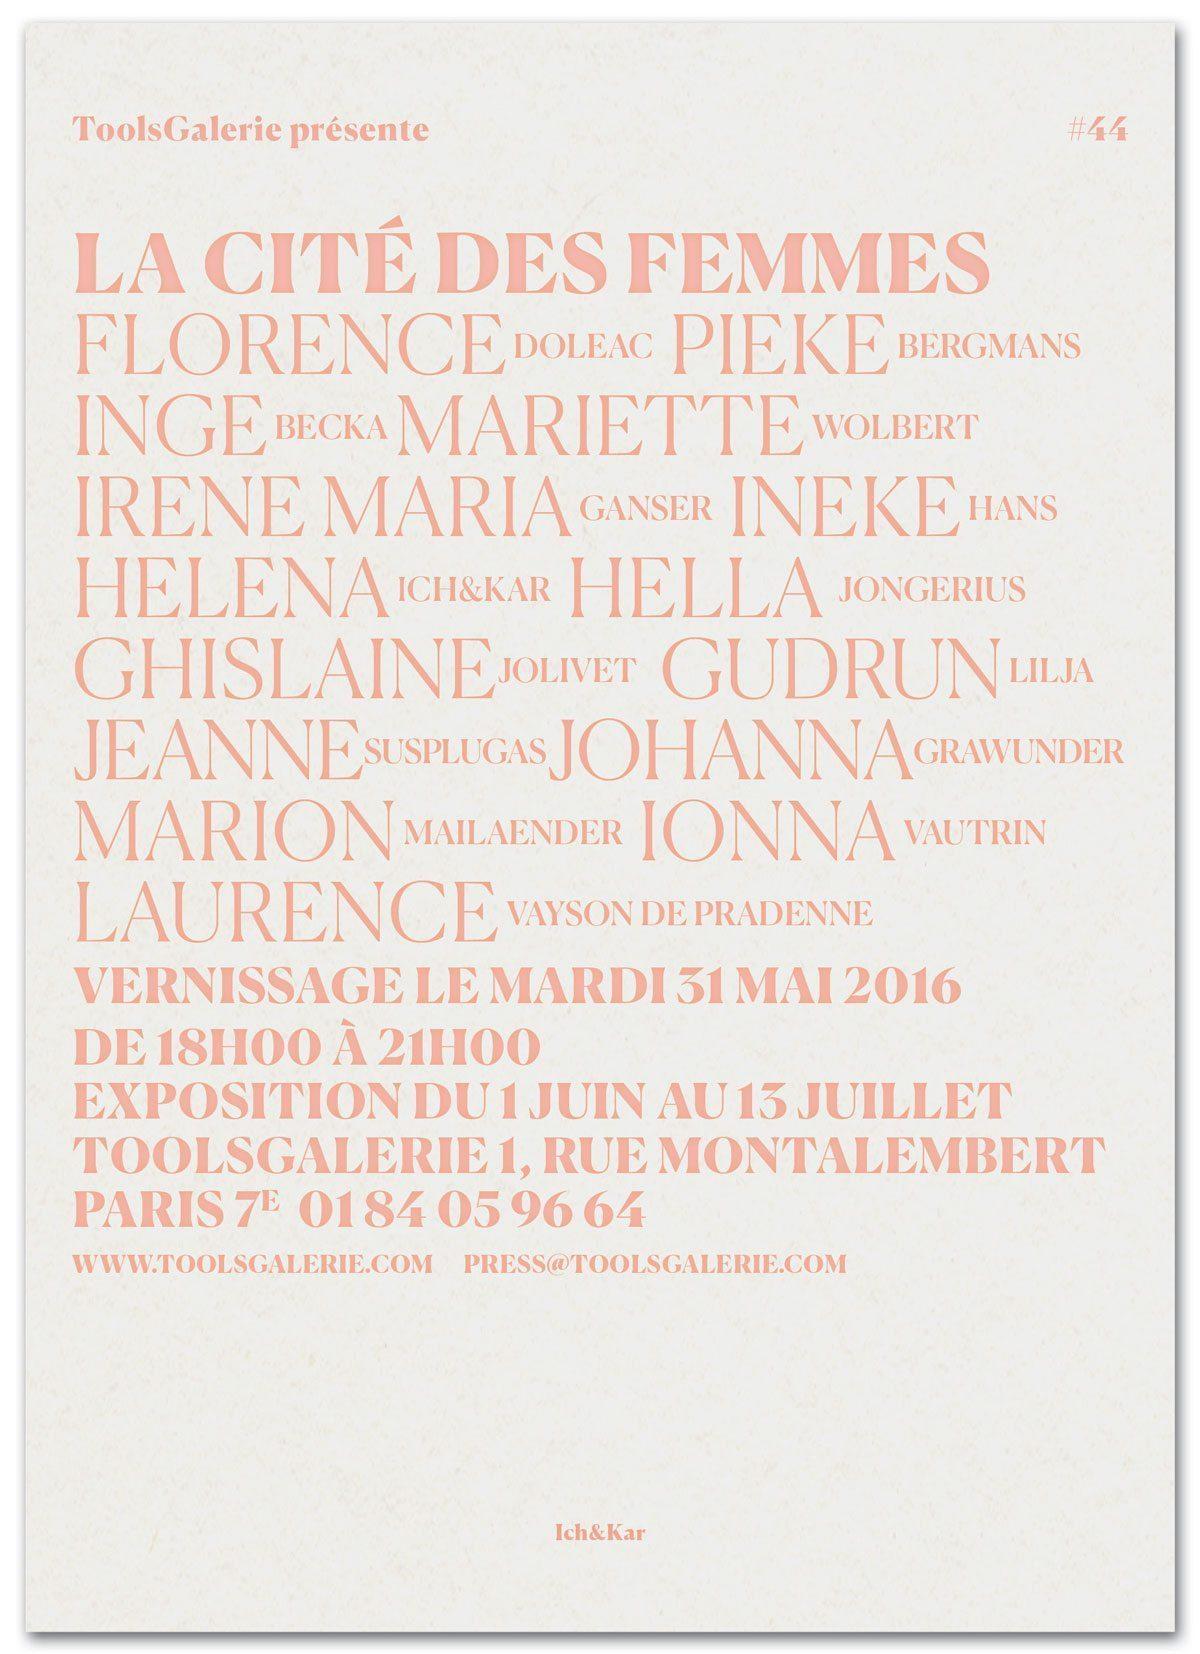 Le carton d'invitation pour l'exposition La Cité des Femmes à la ToolsGalerie, typographie rose poudrée, design IchetKar